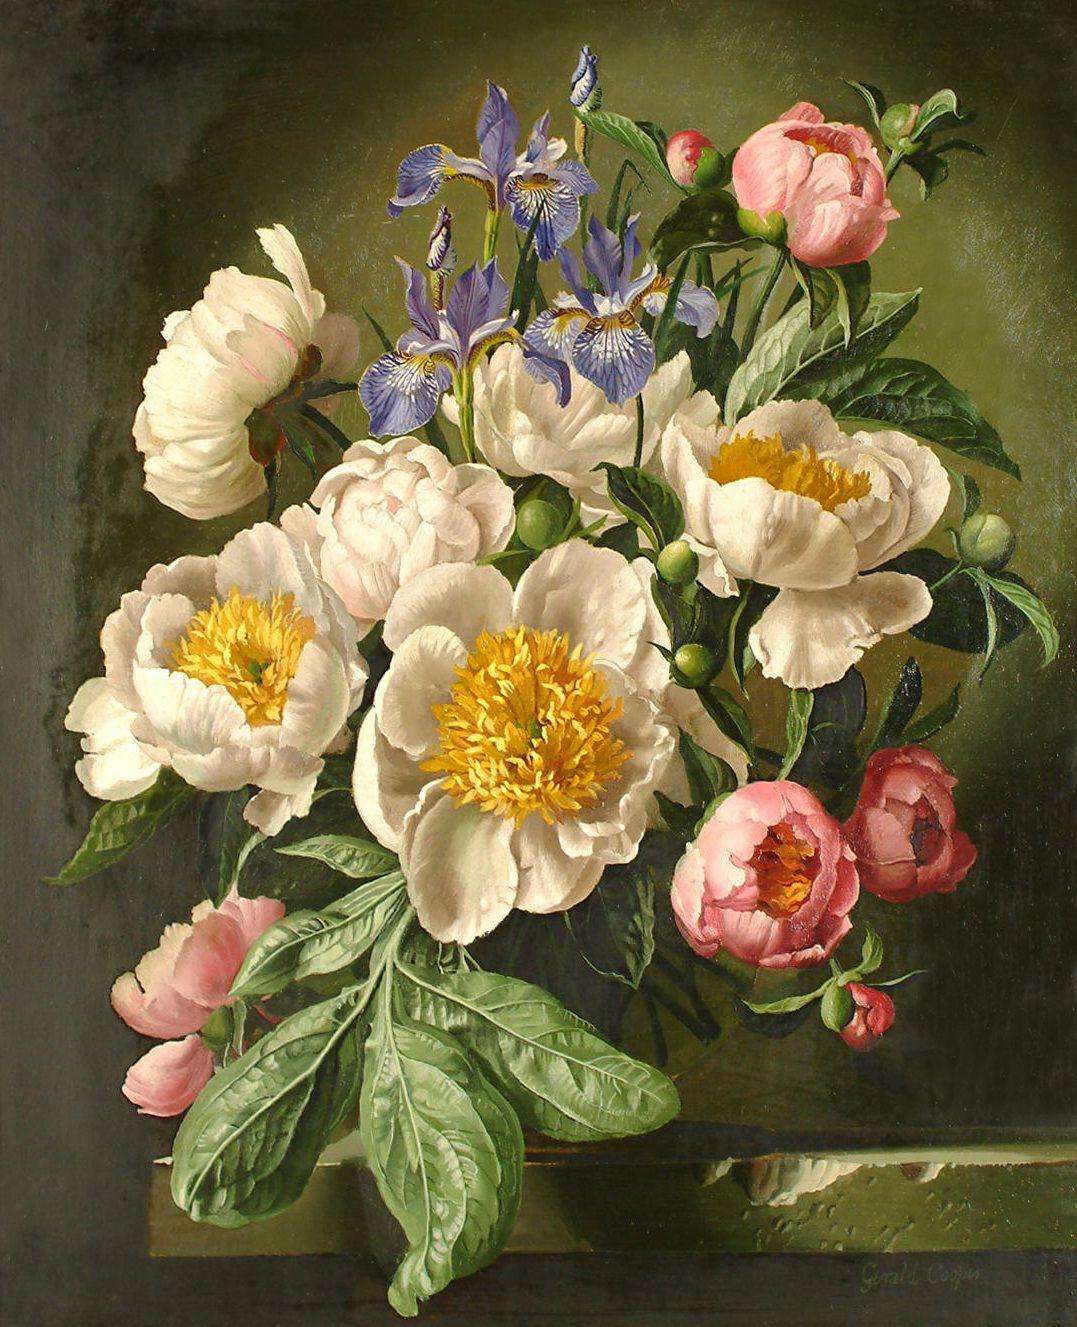 Gerald . Cooper 1899-1975 - Flower Piece Of